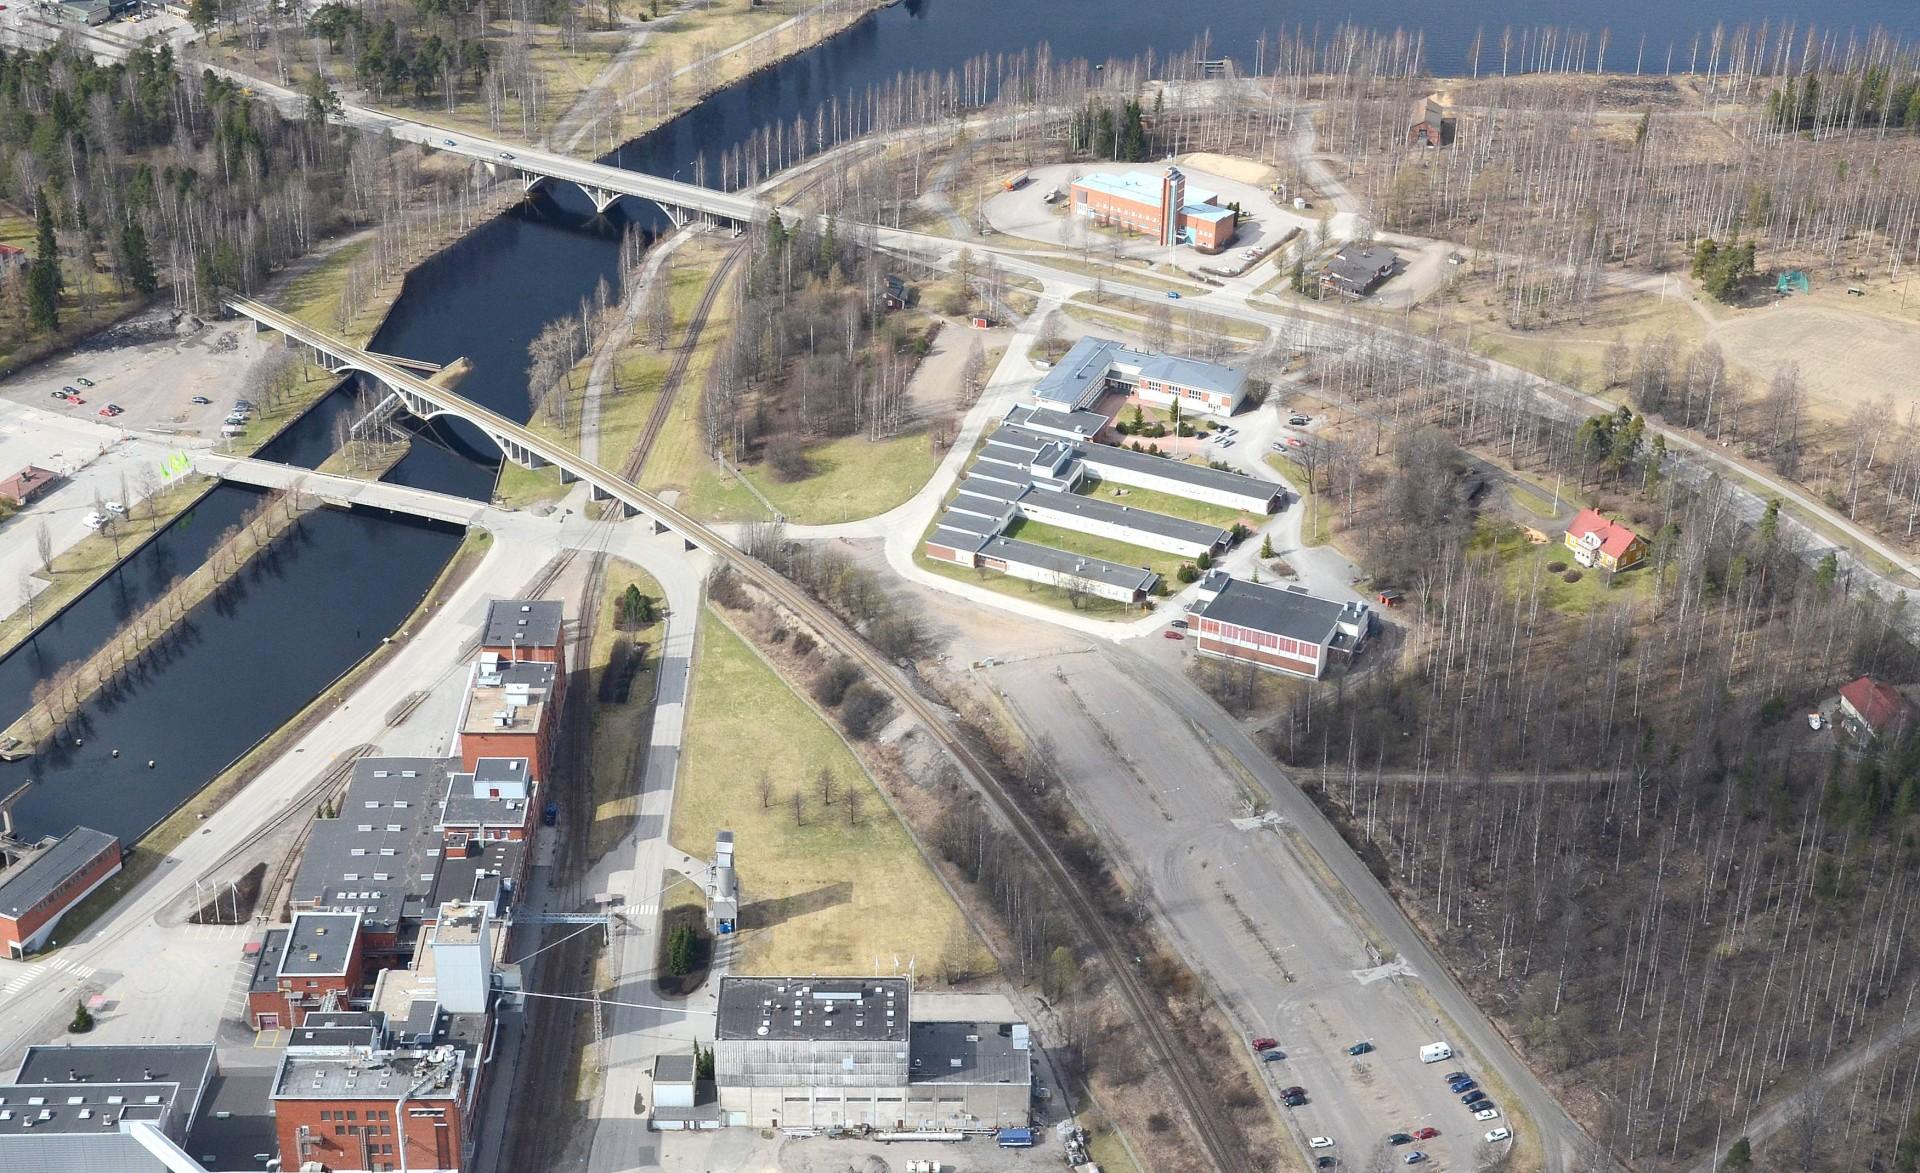 Kuvan keskellä alhaalla vaalea rakennus on entinen hiivatehdas. Ylempänä Hiskin koulu ja tien takana Pelastuslaitos.